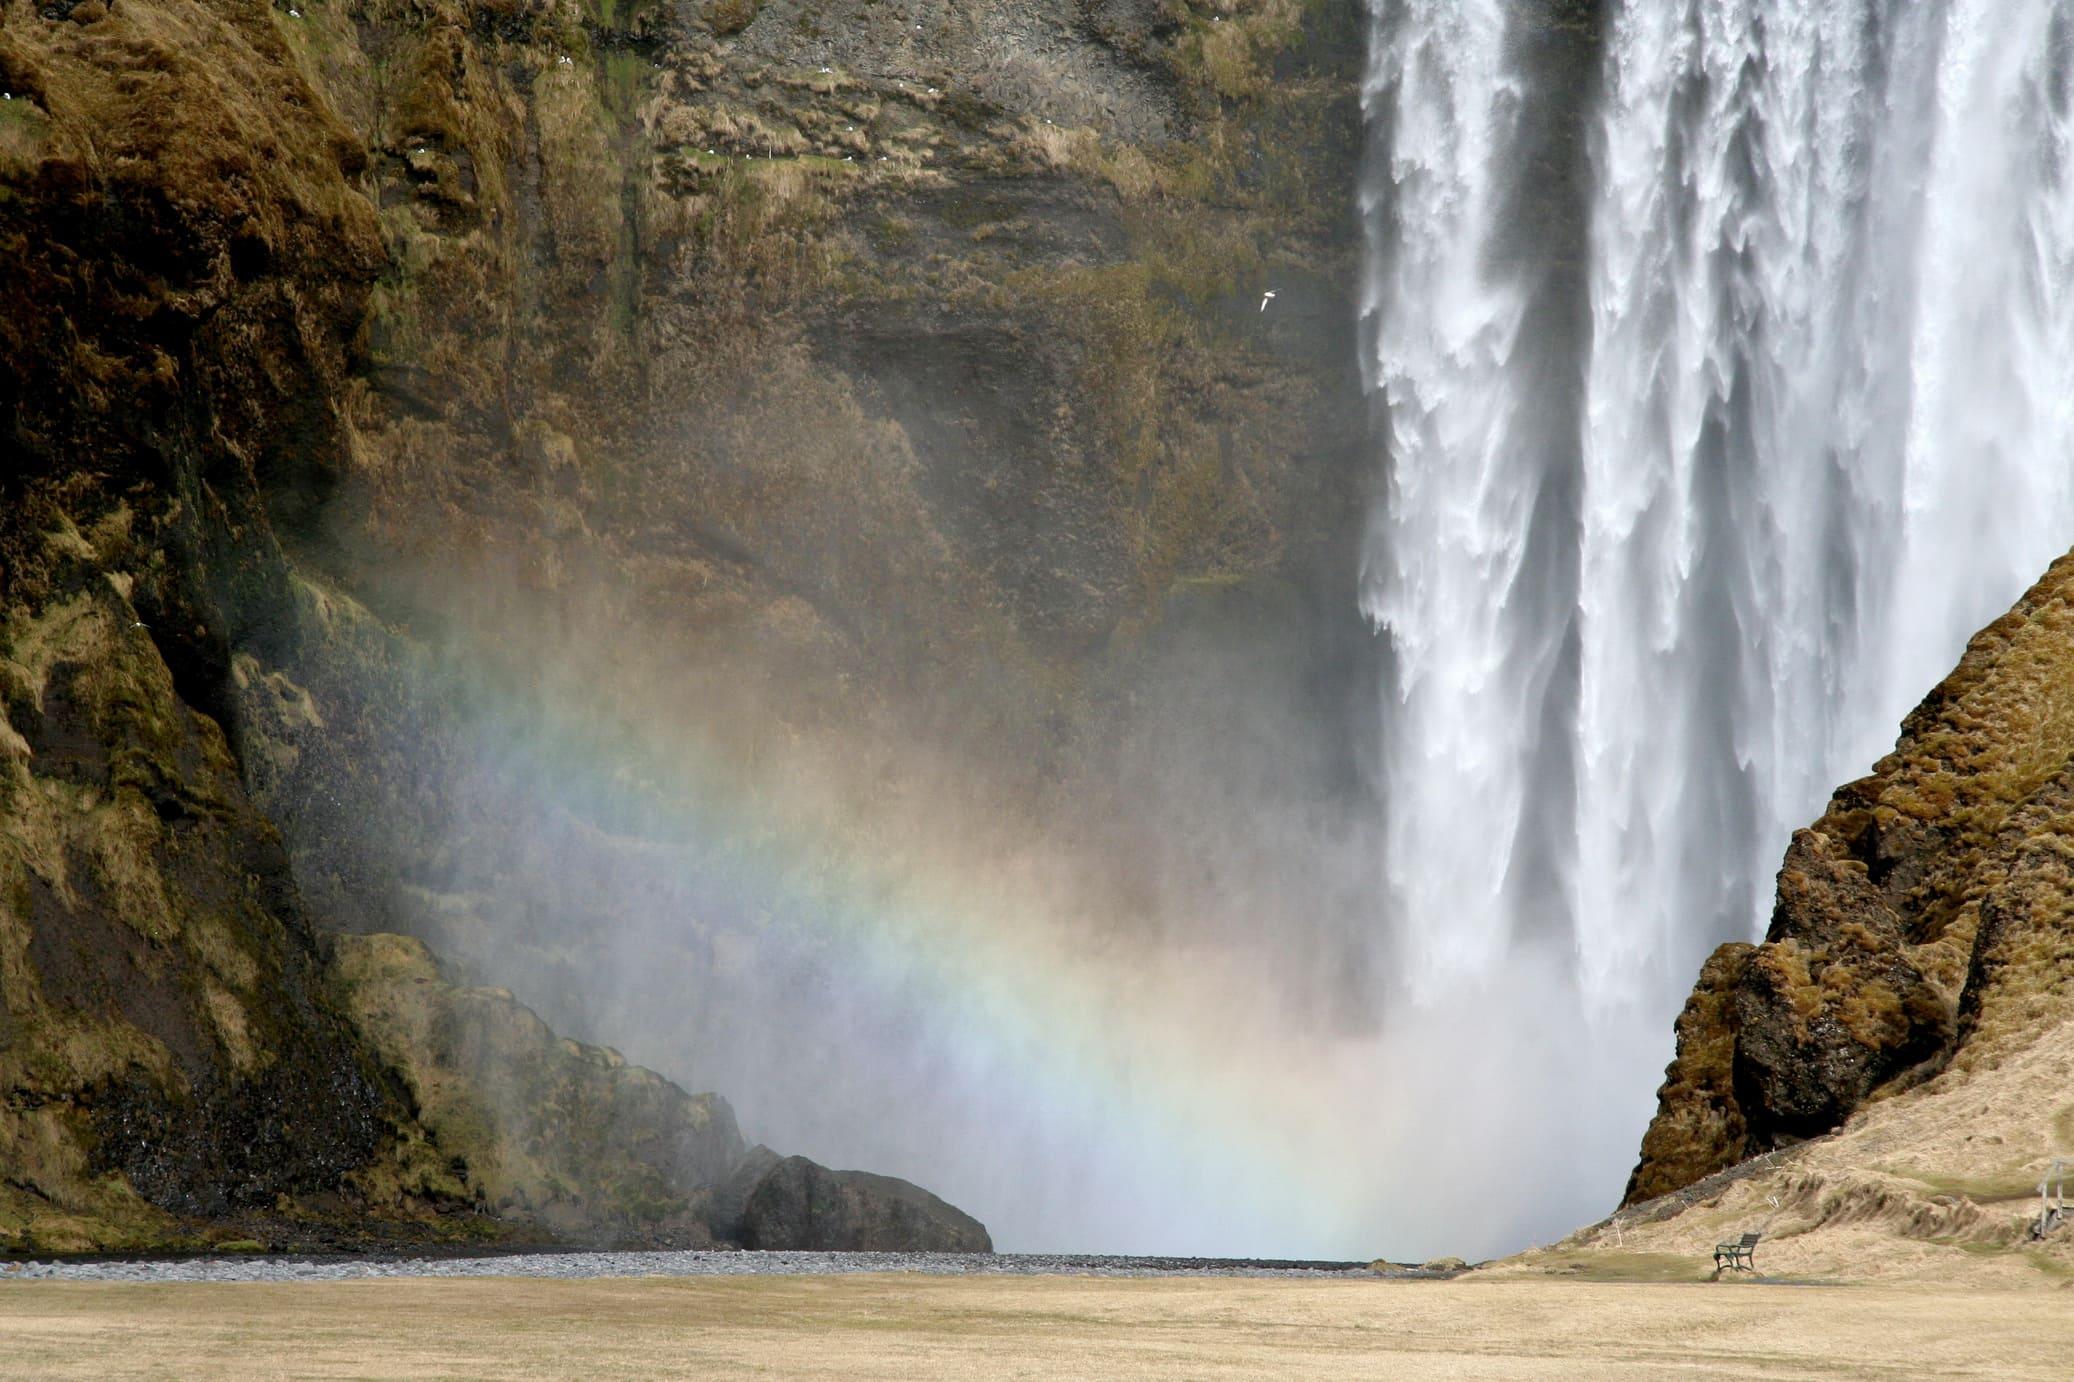 В солнечную погоду над водопадом может появиться радуга